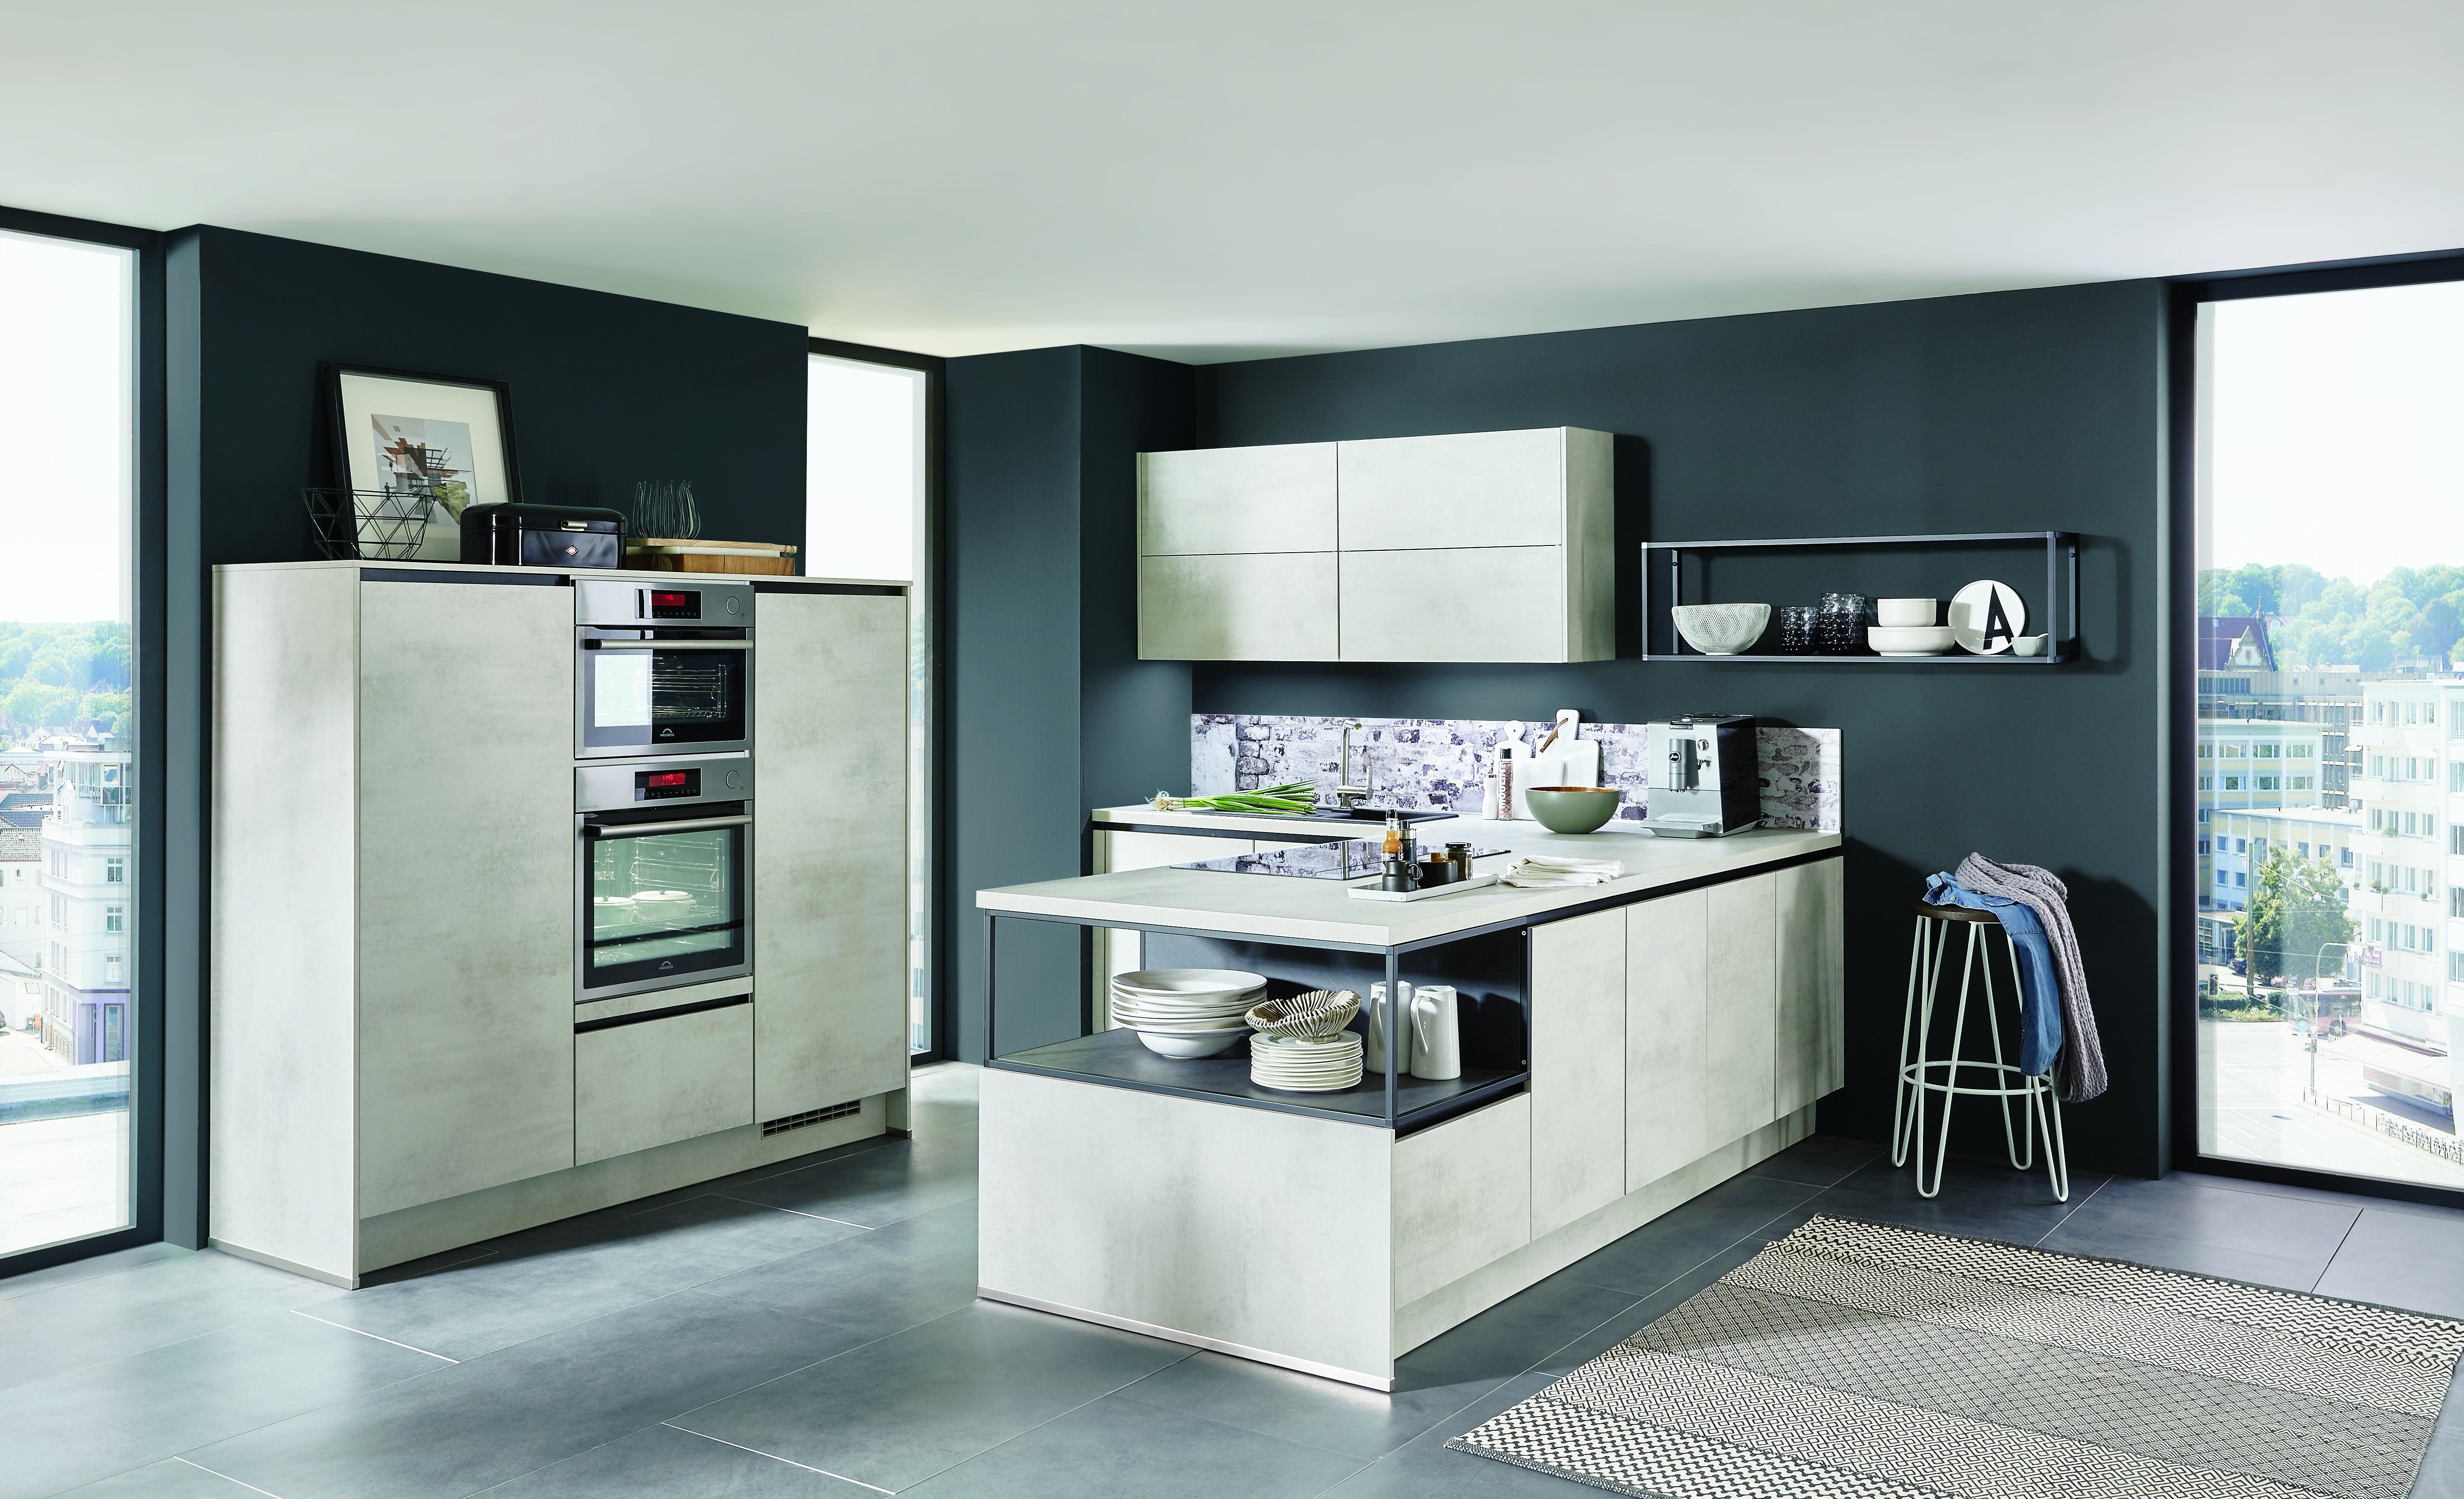 Keuken beton look